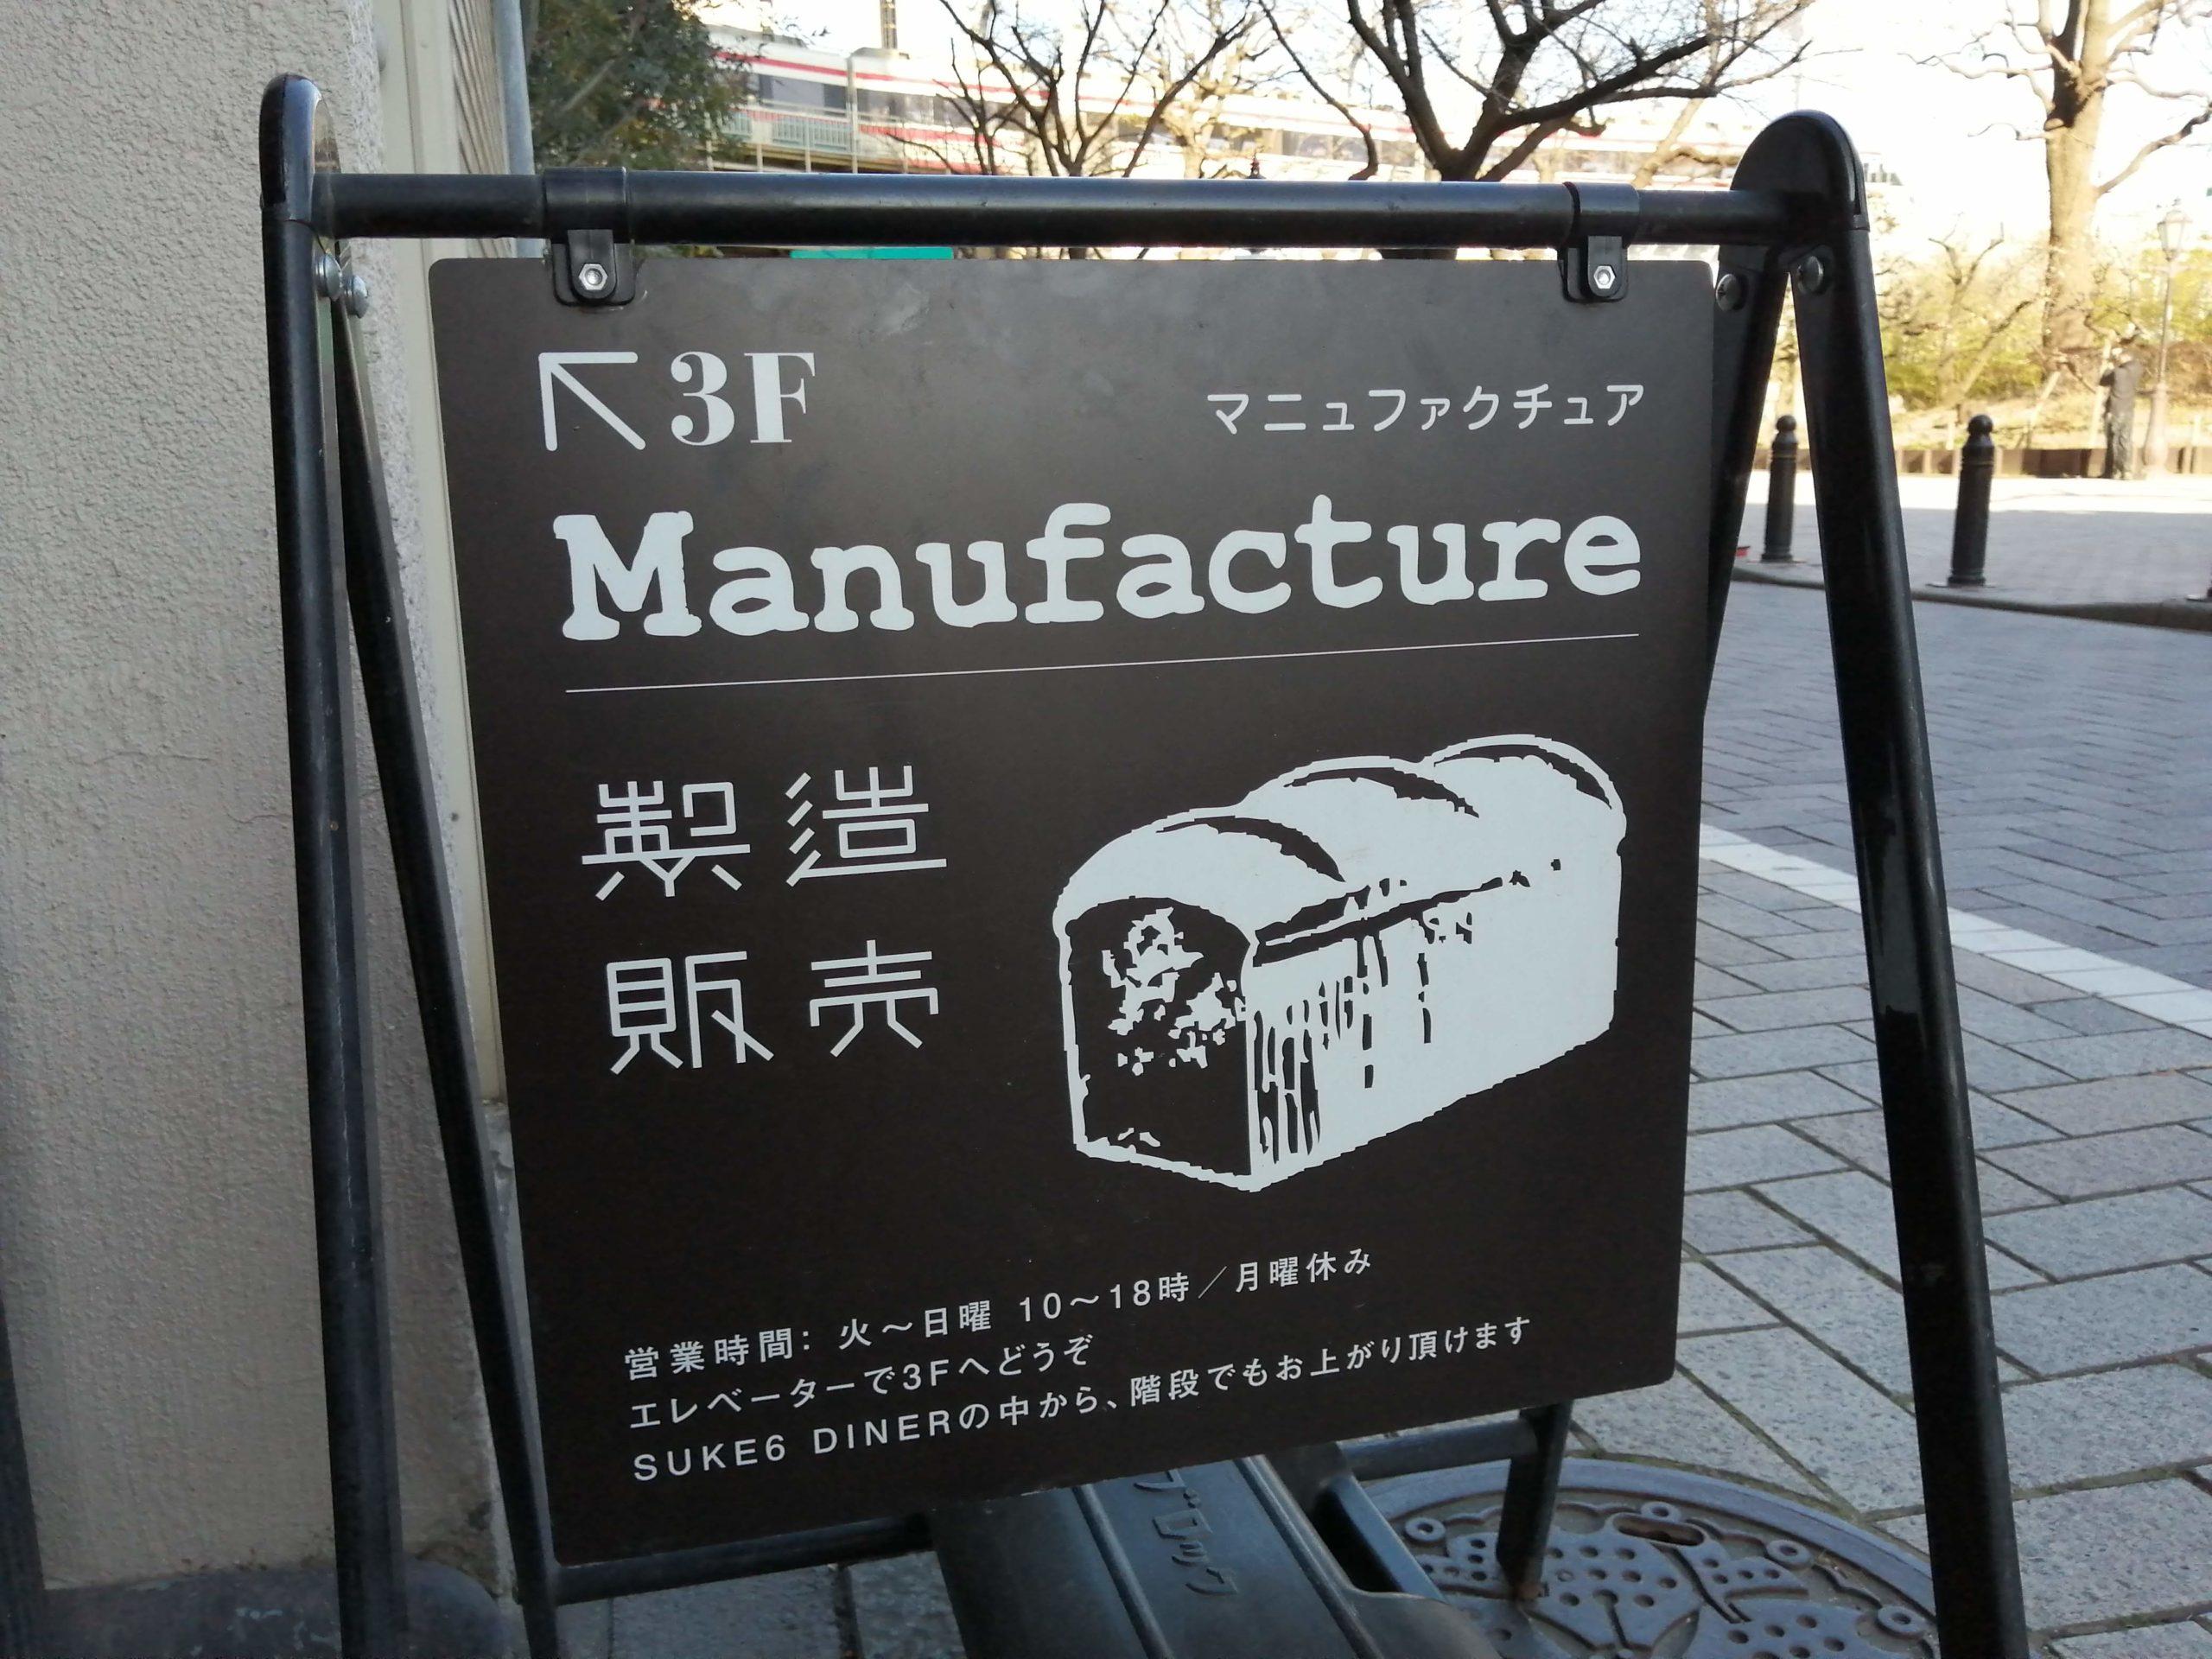 浅草「Manufacture」へ行ってきました。